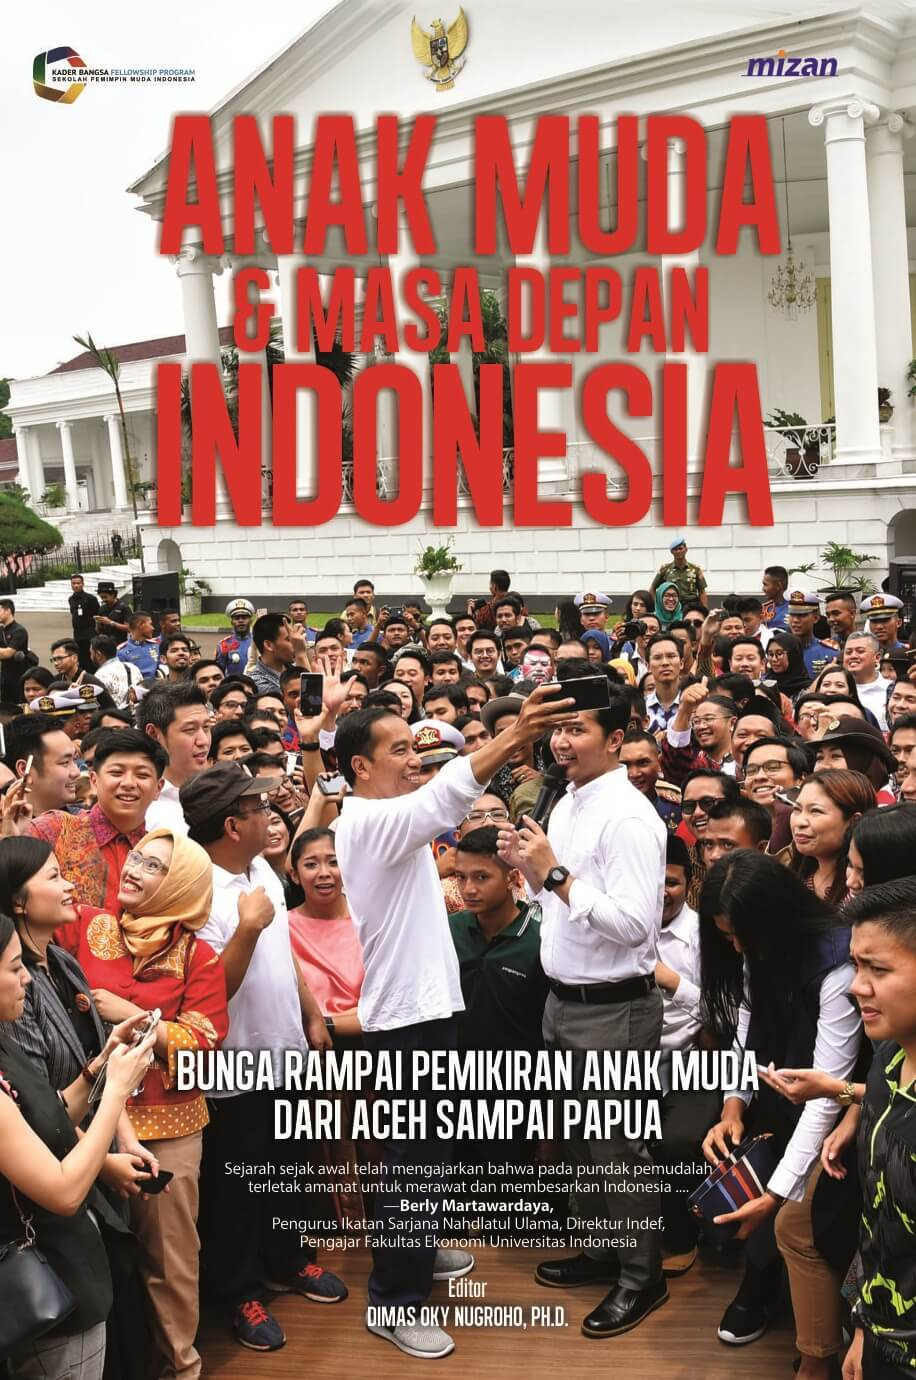 ANAK MUDA & MASA DEPAN INDONESIA